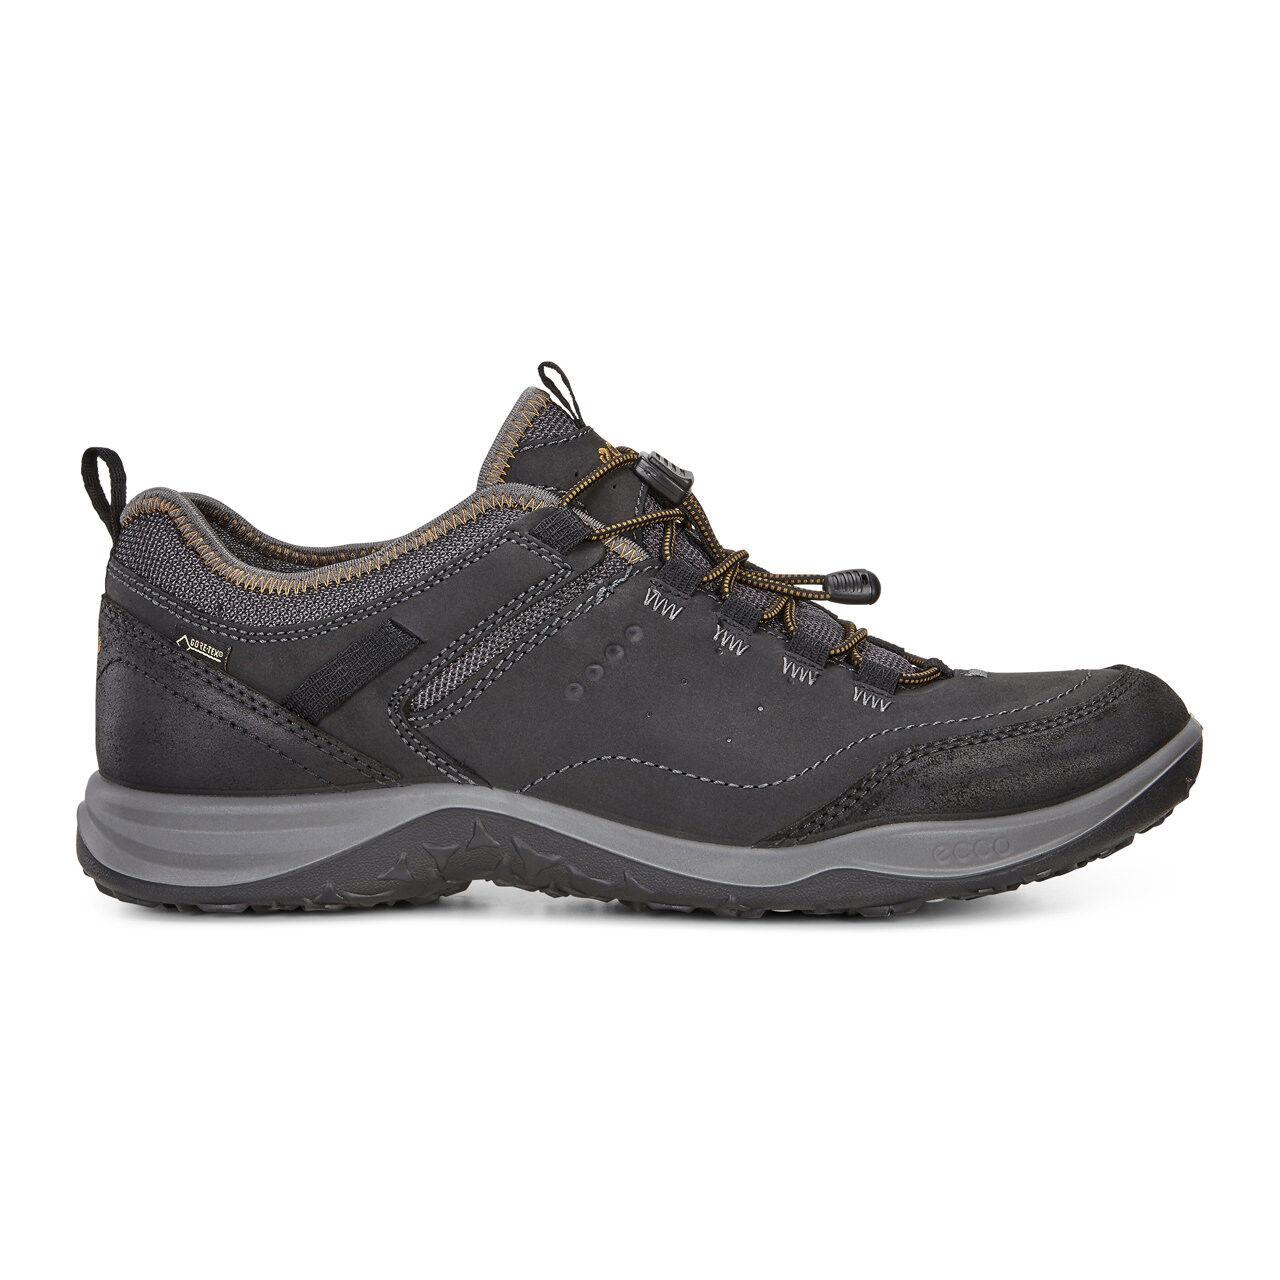 ECCO Men's Espinho GTX   Hiking Shoes